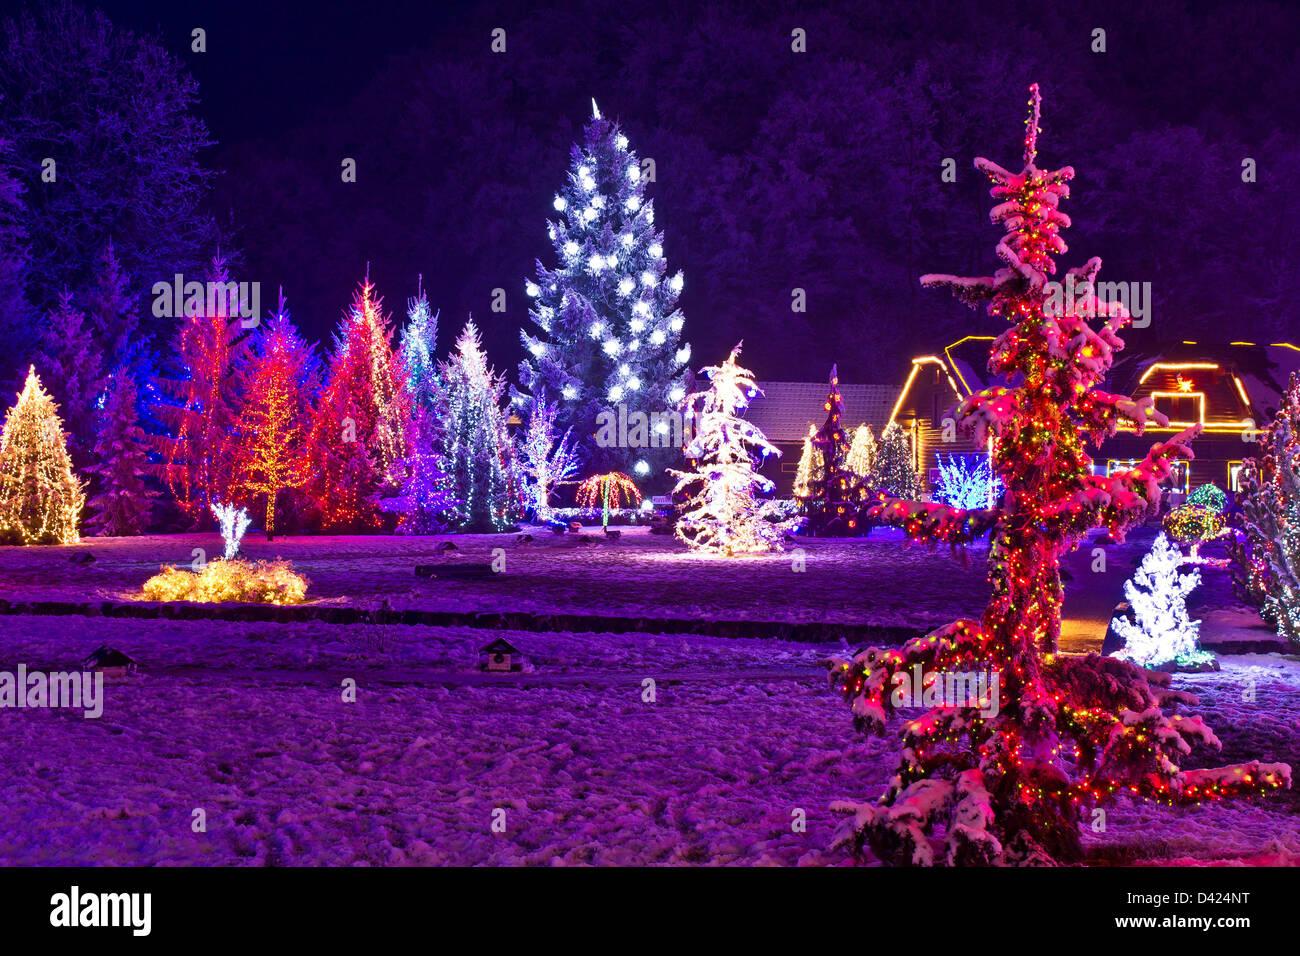 Weihnachten Mit Fantasy.Weihnachten Fantasy Park Wald In Weihnachtslichter Kroatien